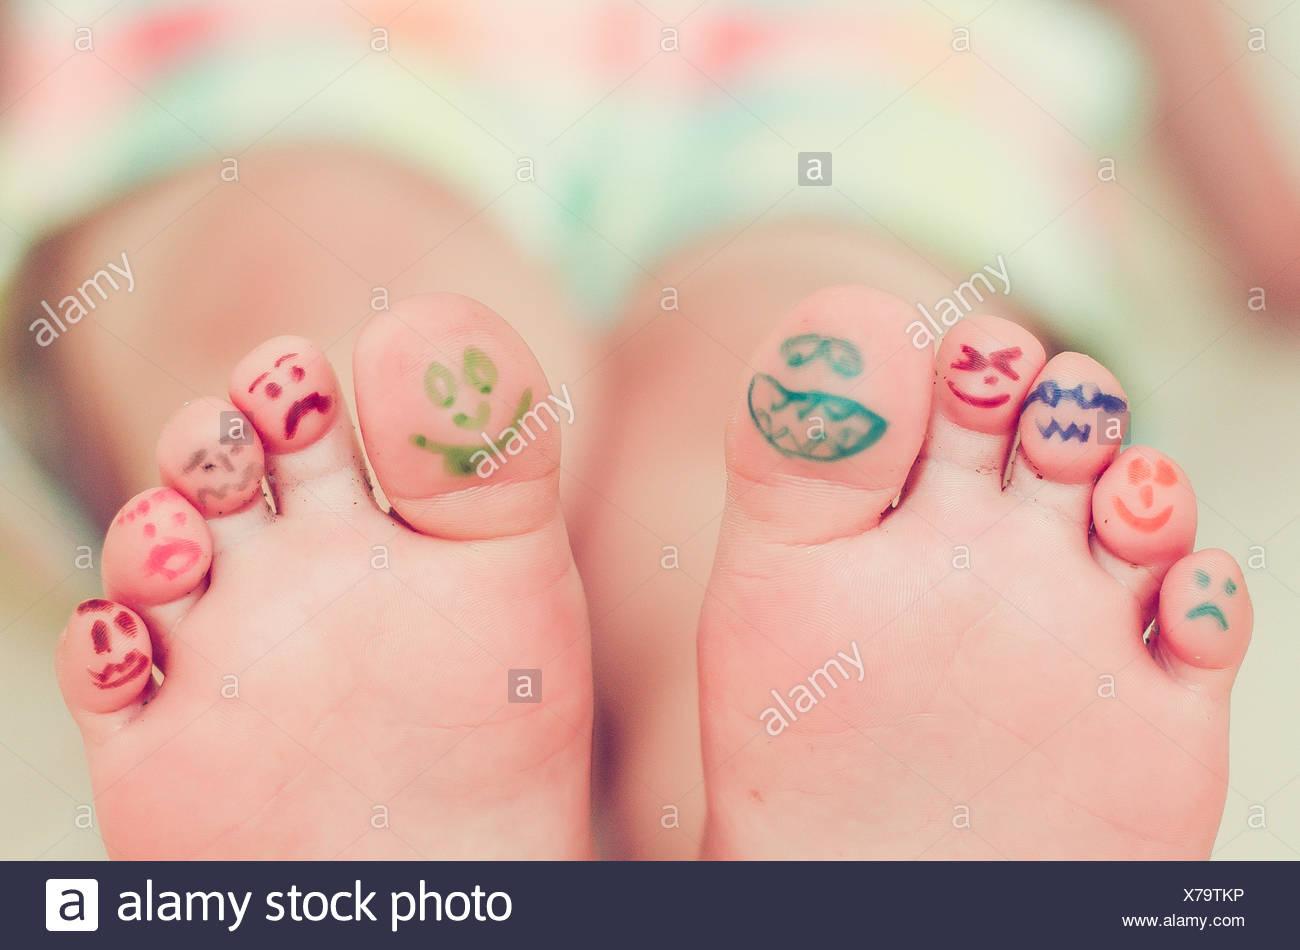 Pieds de filles avec des dessins de smiley Photo Stock